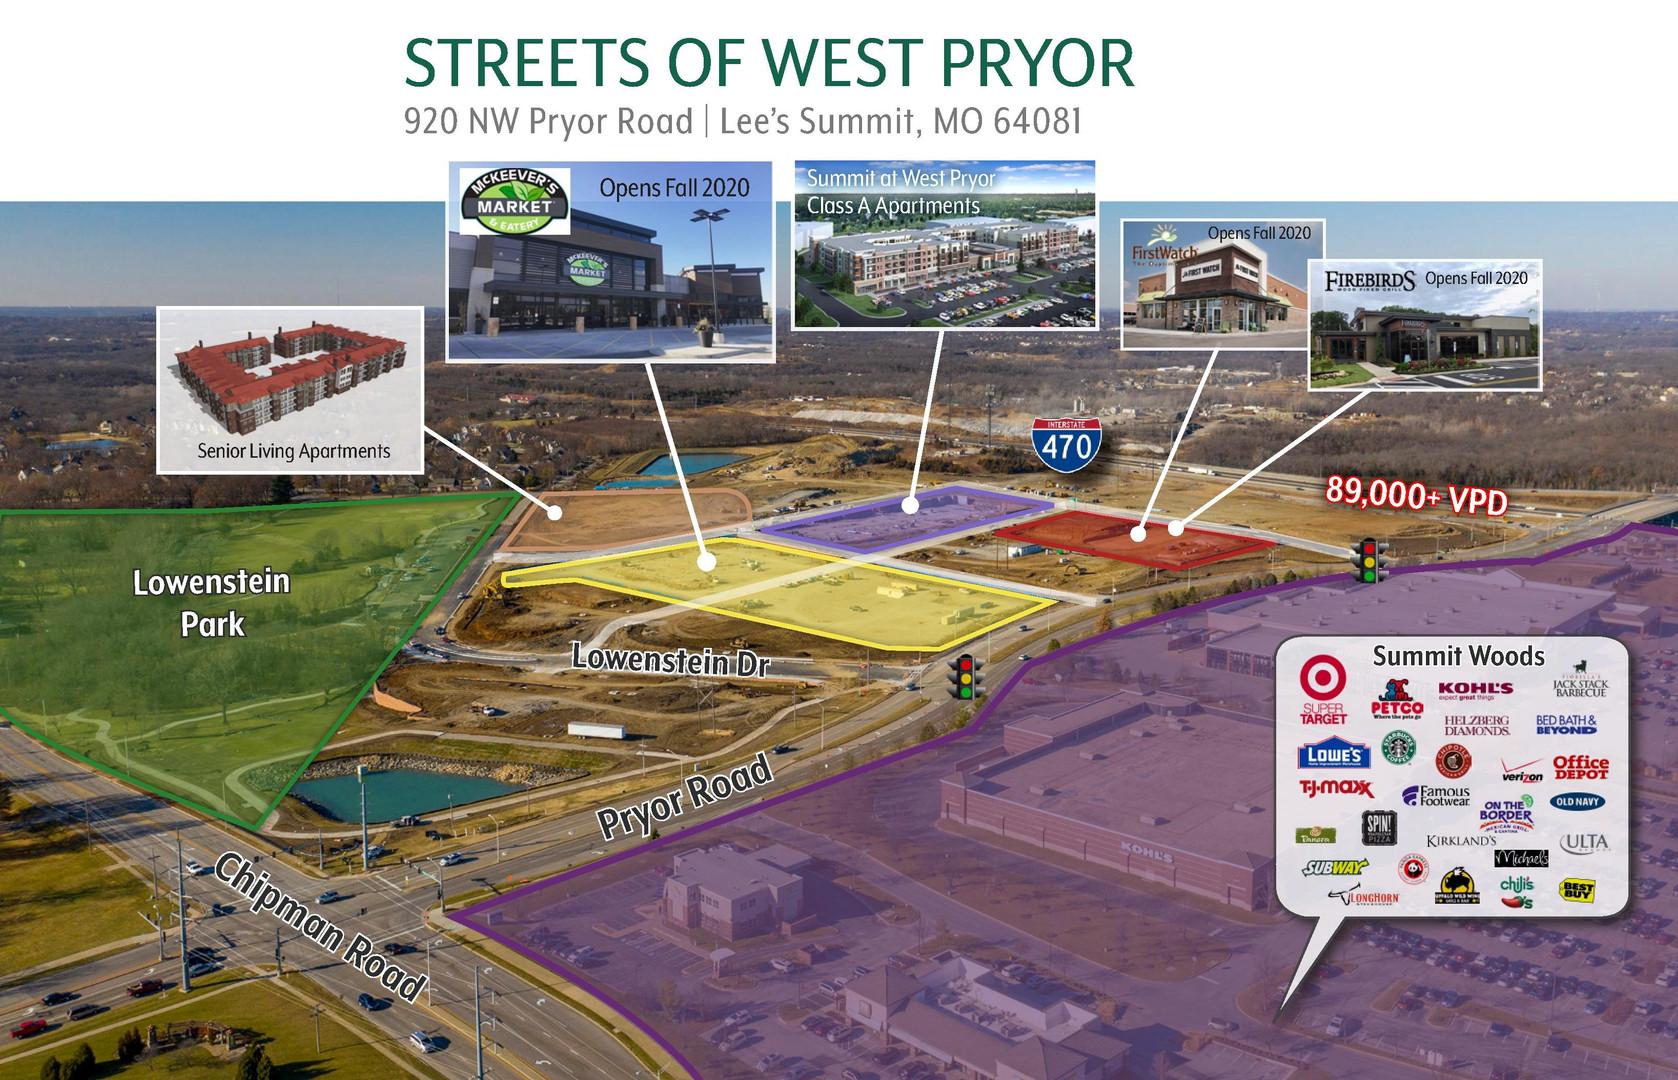 Streets of West Pryor.jpg